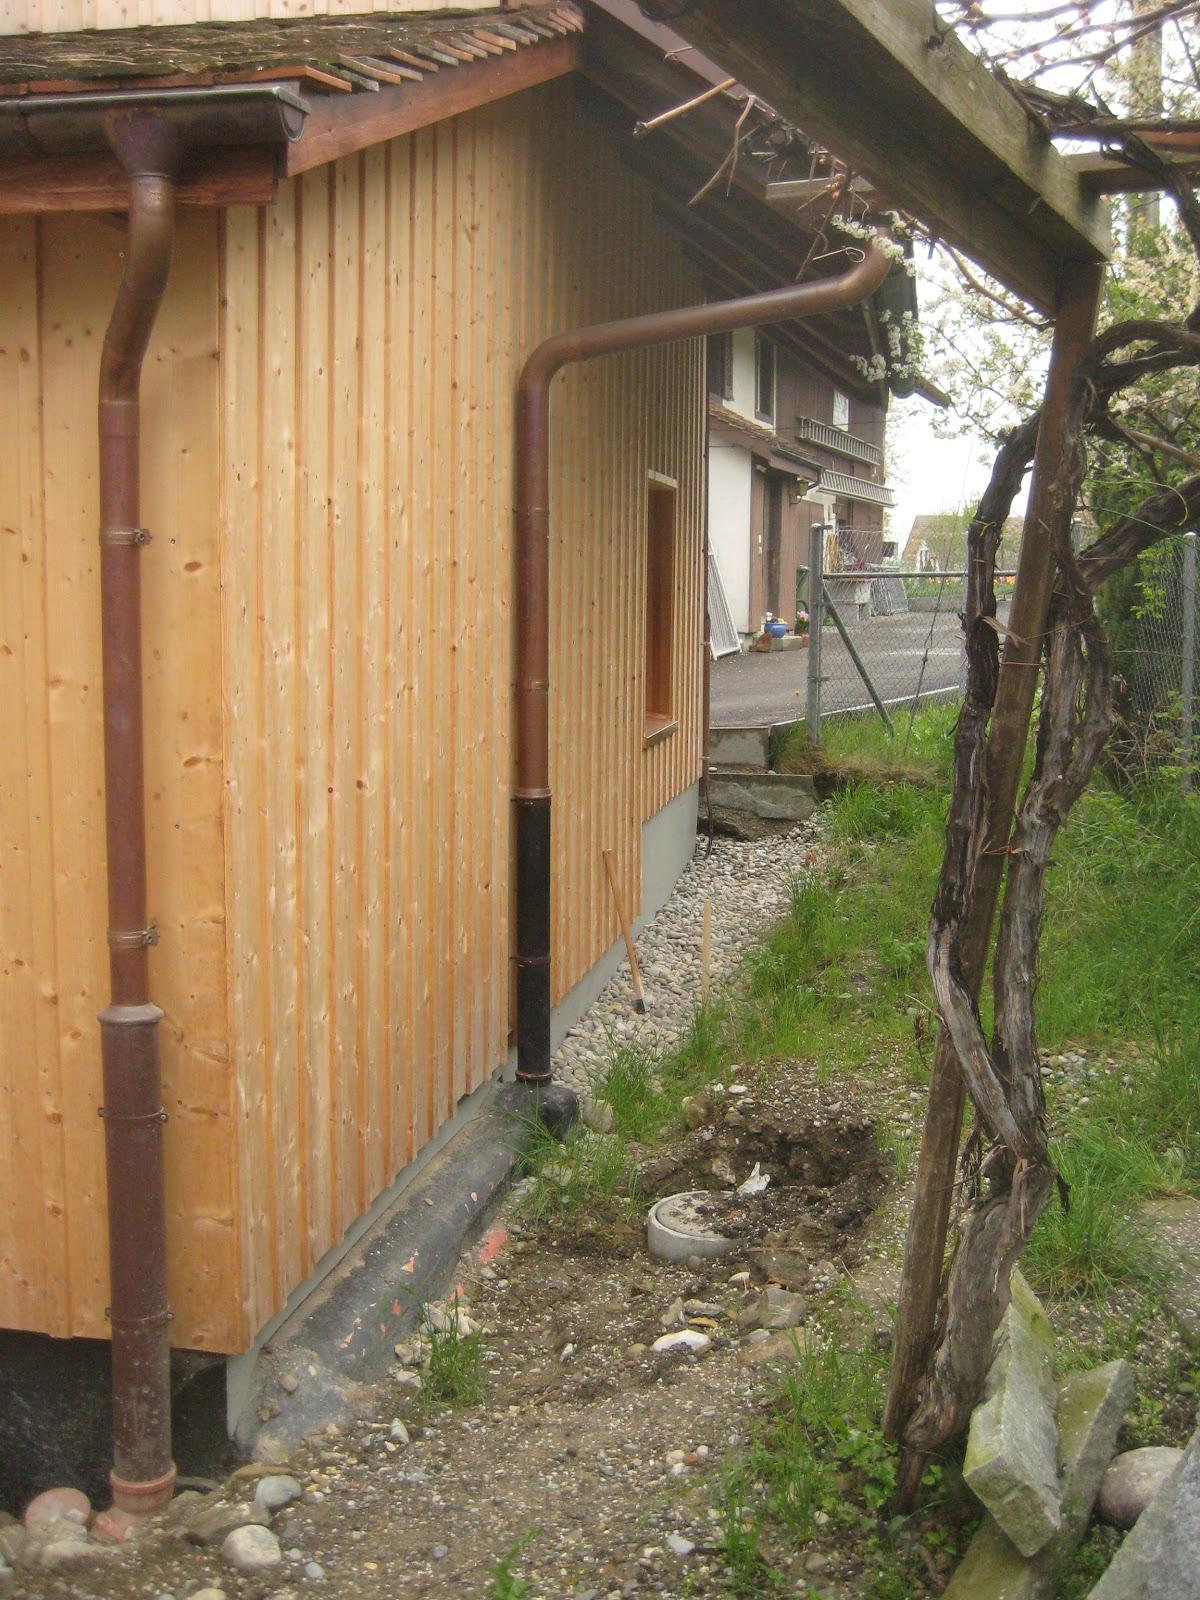 obi beton estrich geschliffener und polierter estrich beton estrich estrich betonok esztrich. Black Bedroom Furniture Sets. Home Design Ideas